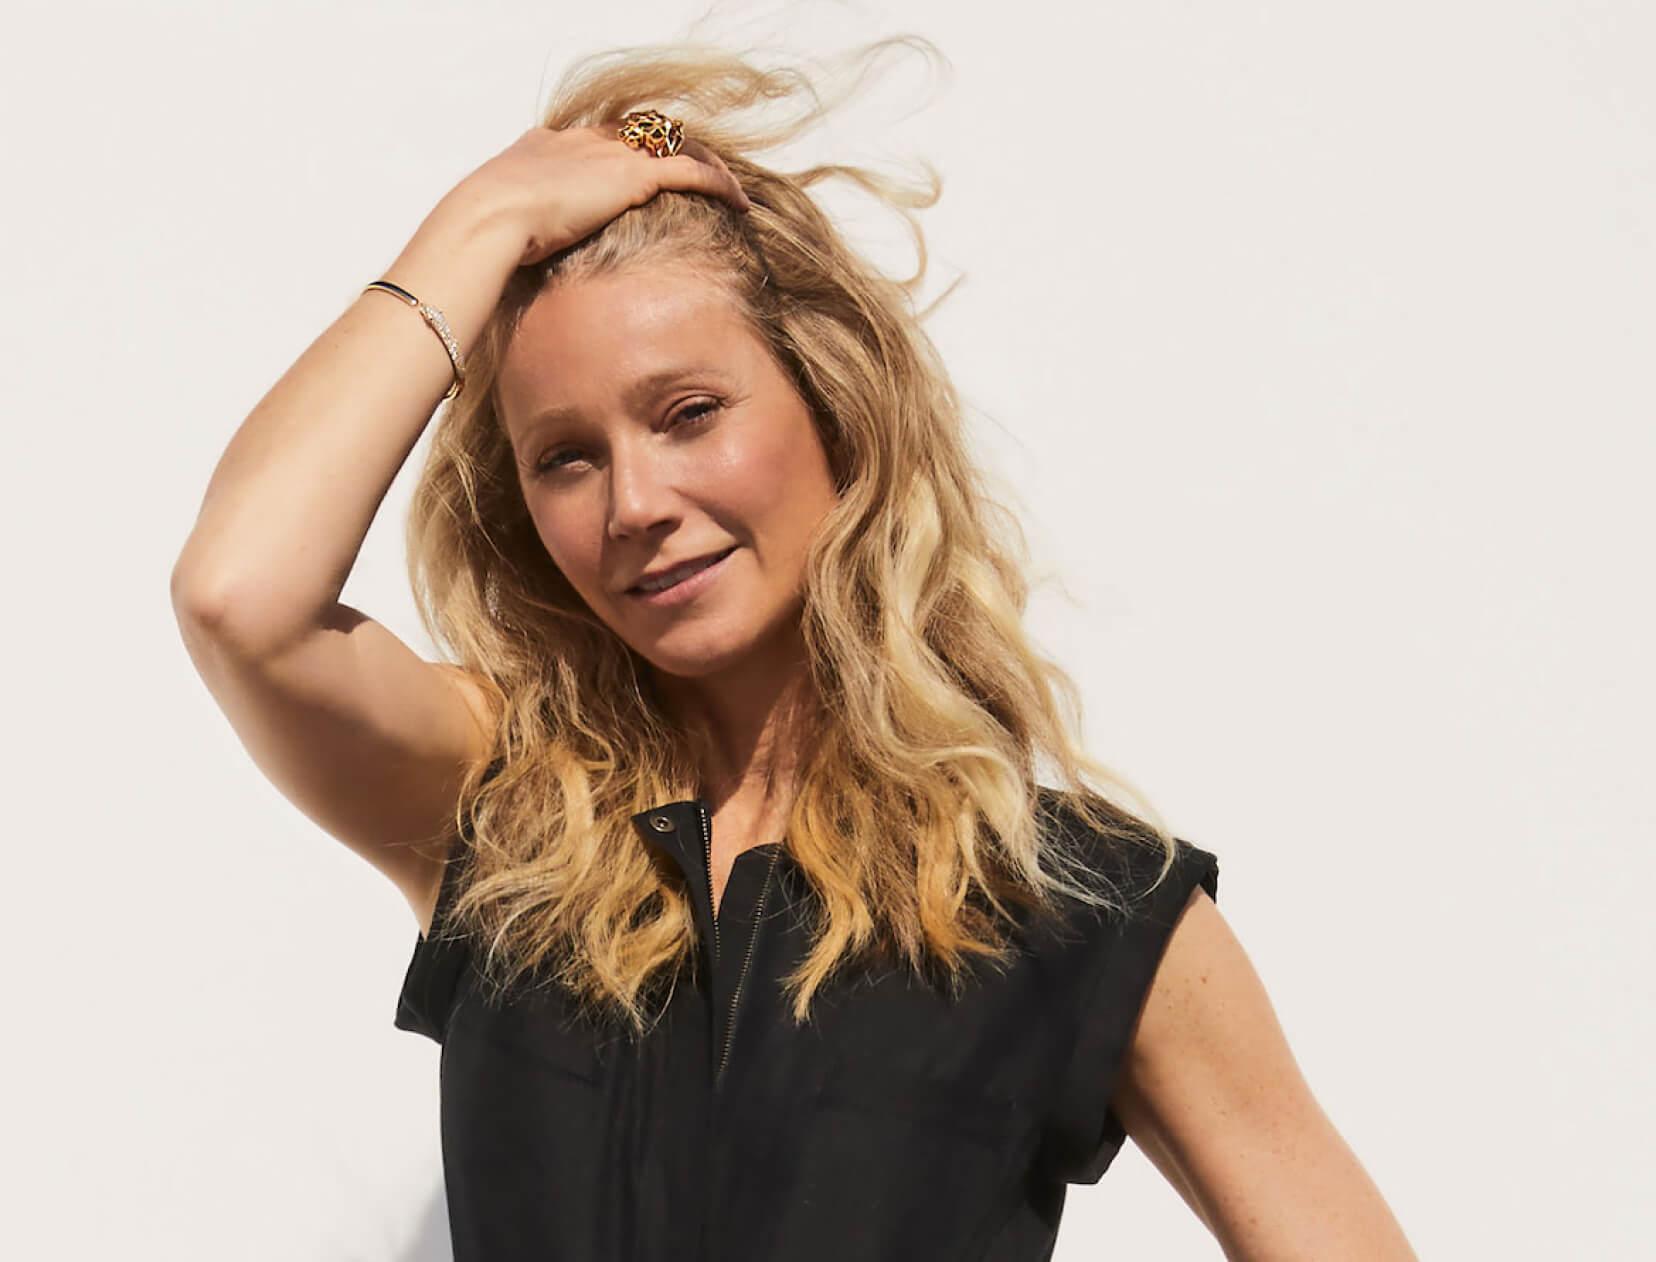 Gwyneth with beachy hair